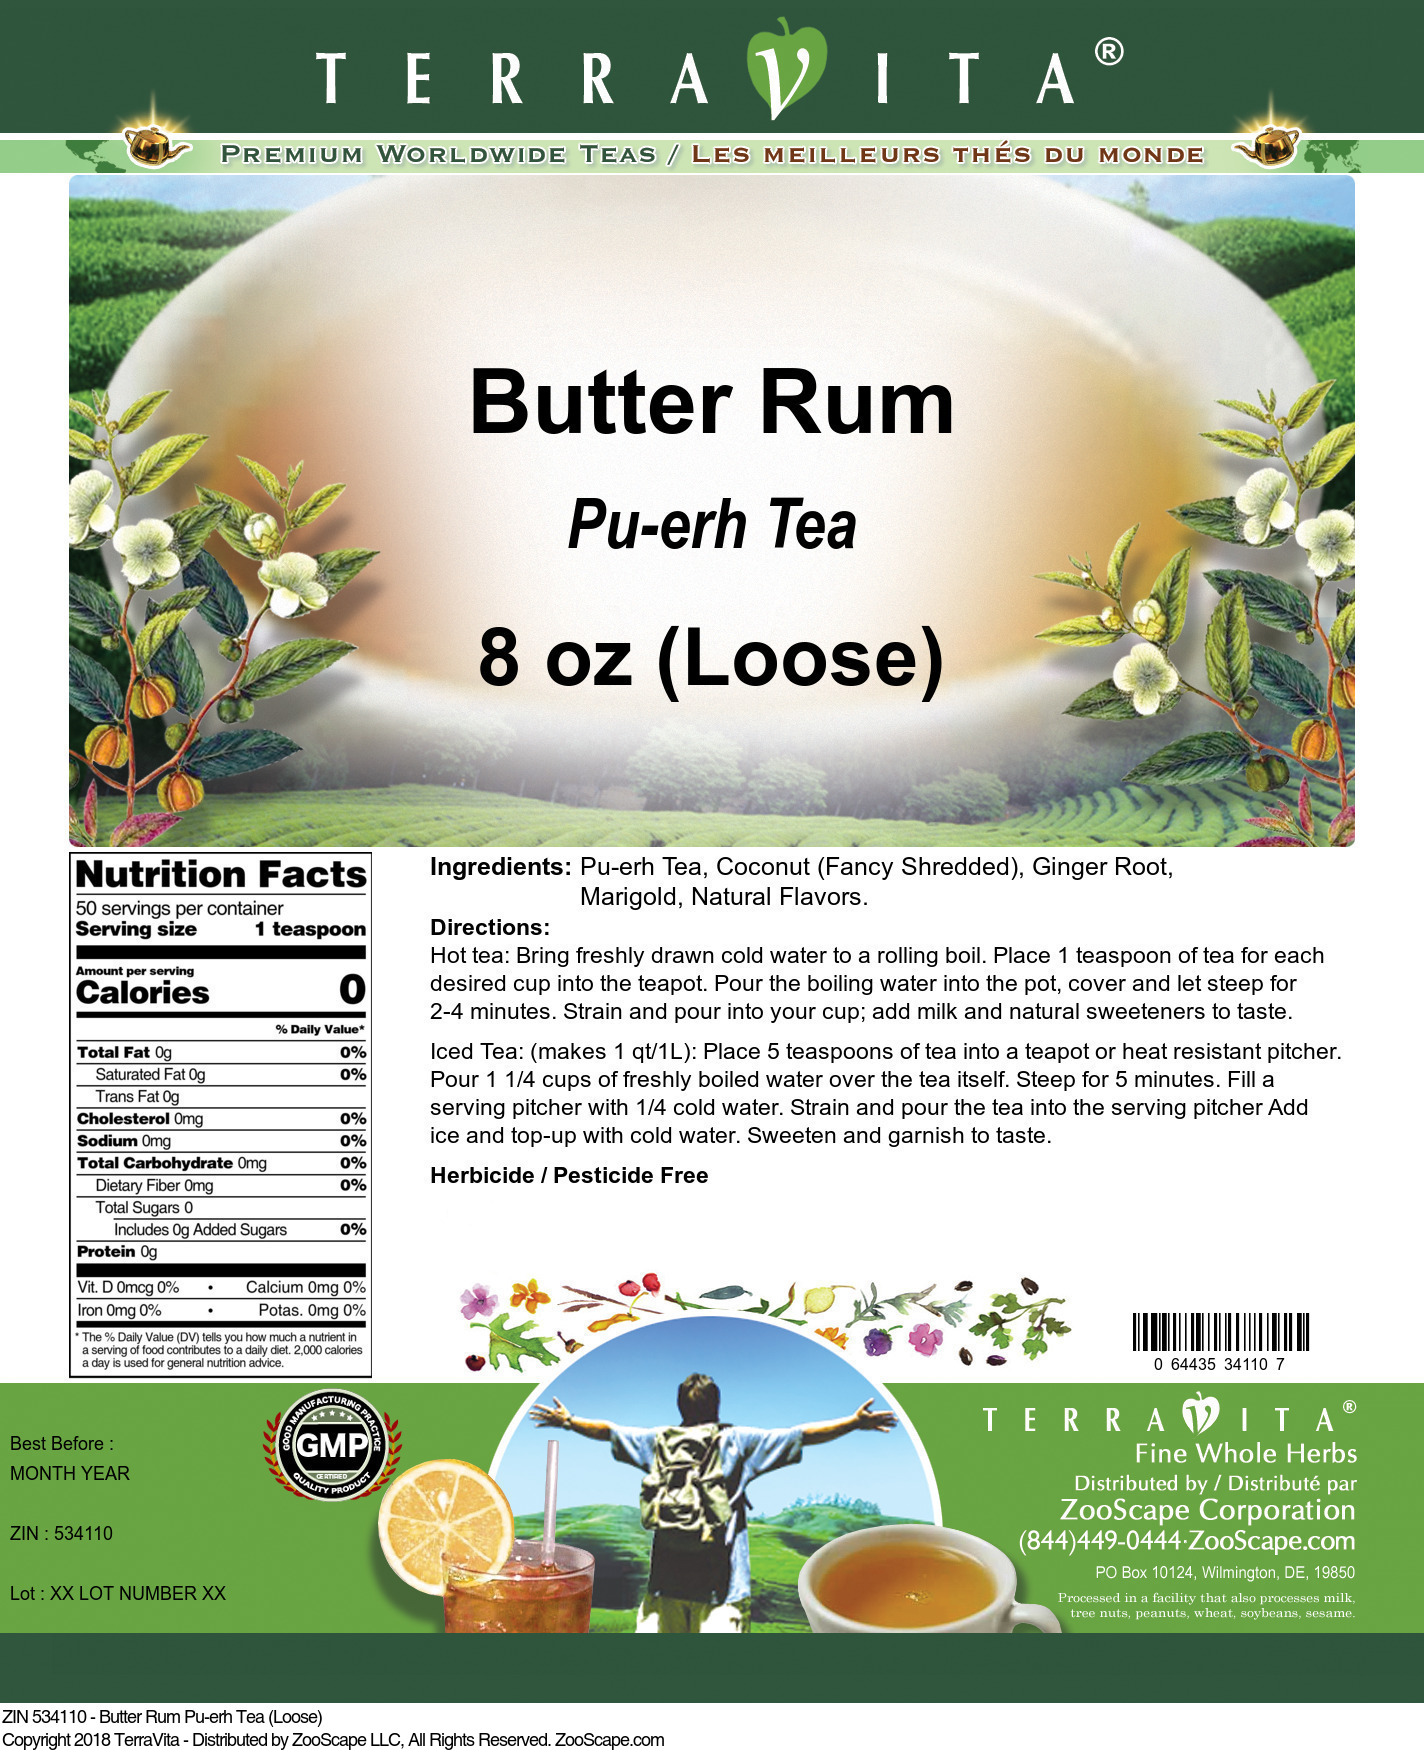 Butter Rum Pu-erh Tea